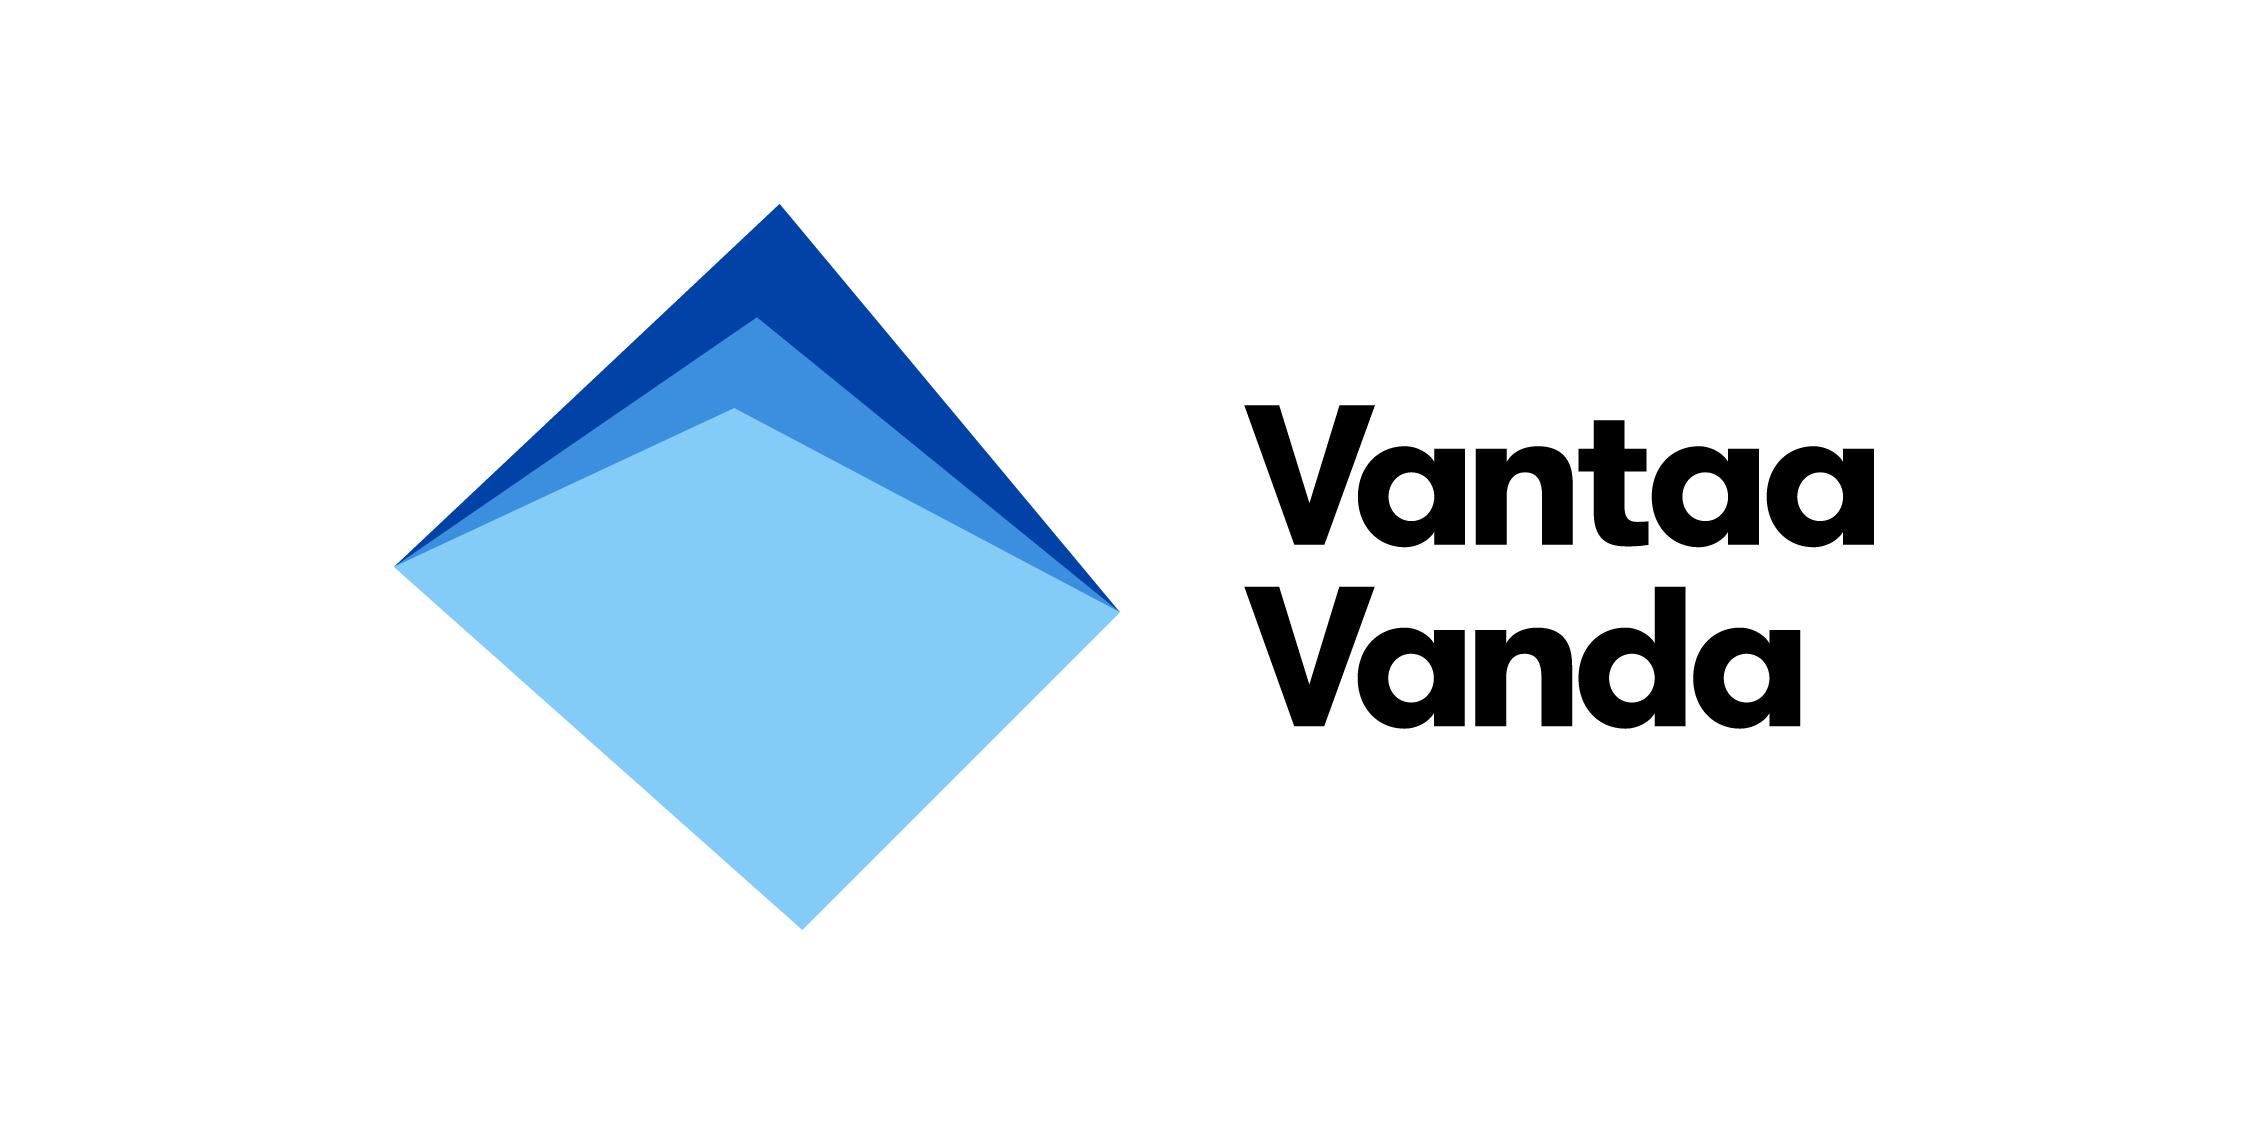 Vantaa_Logo.png